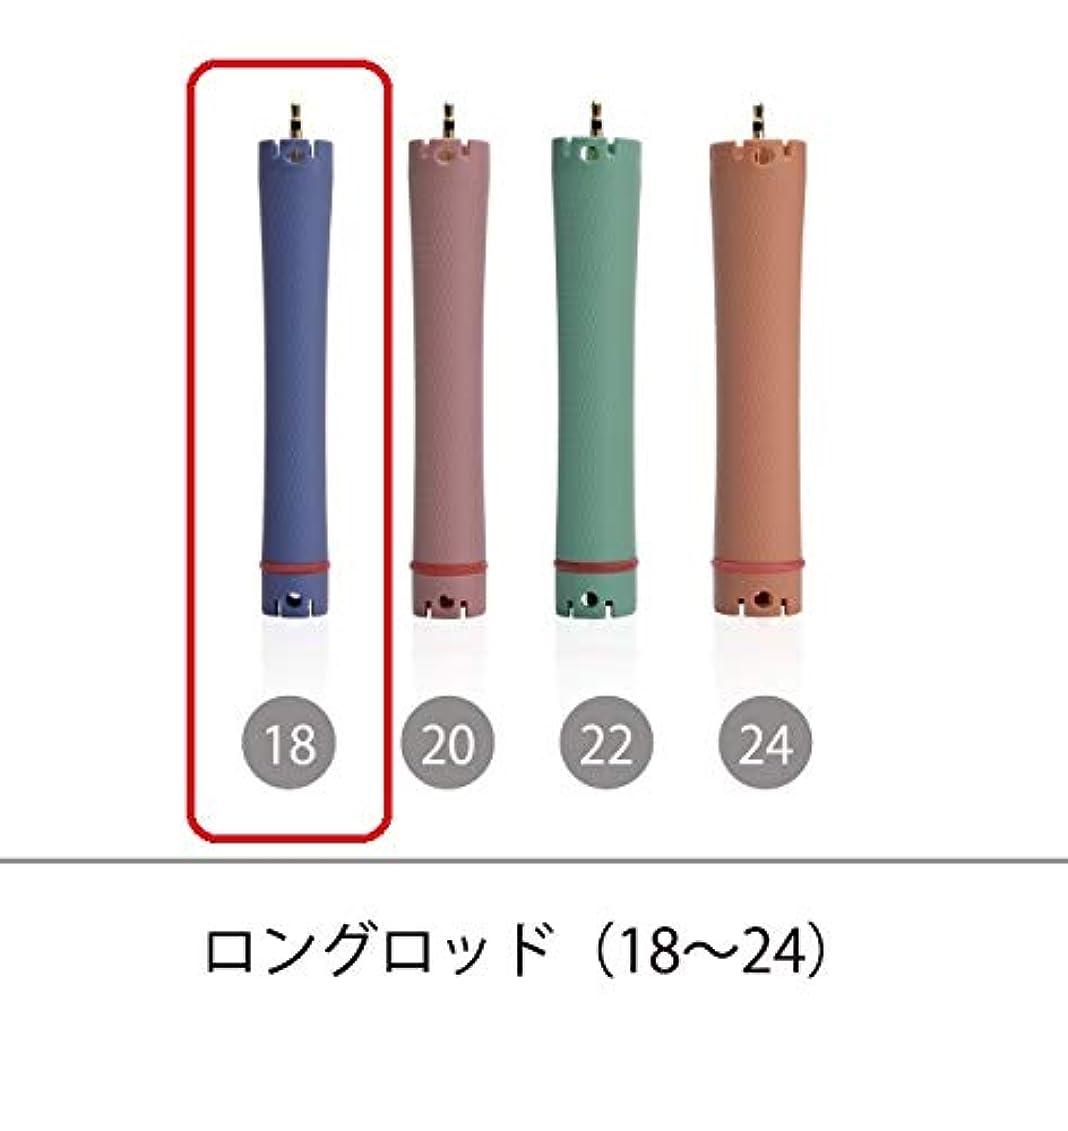 白菜レース欺ソキウス 専用ロッド ロングロッド 18mm